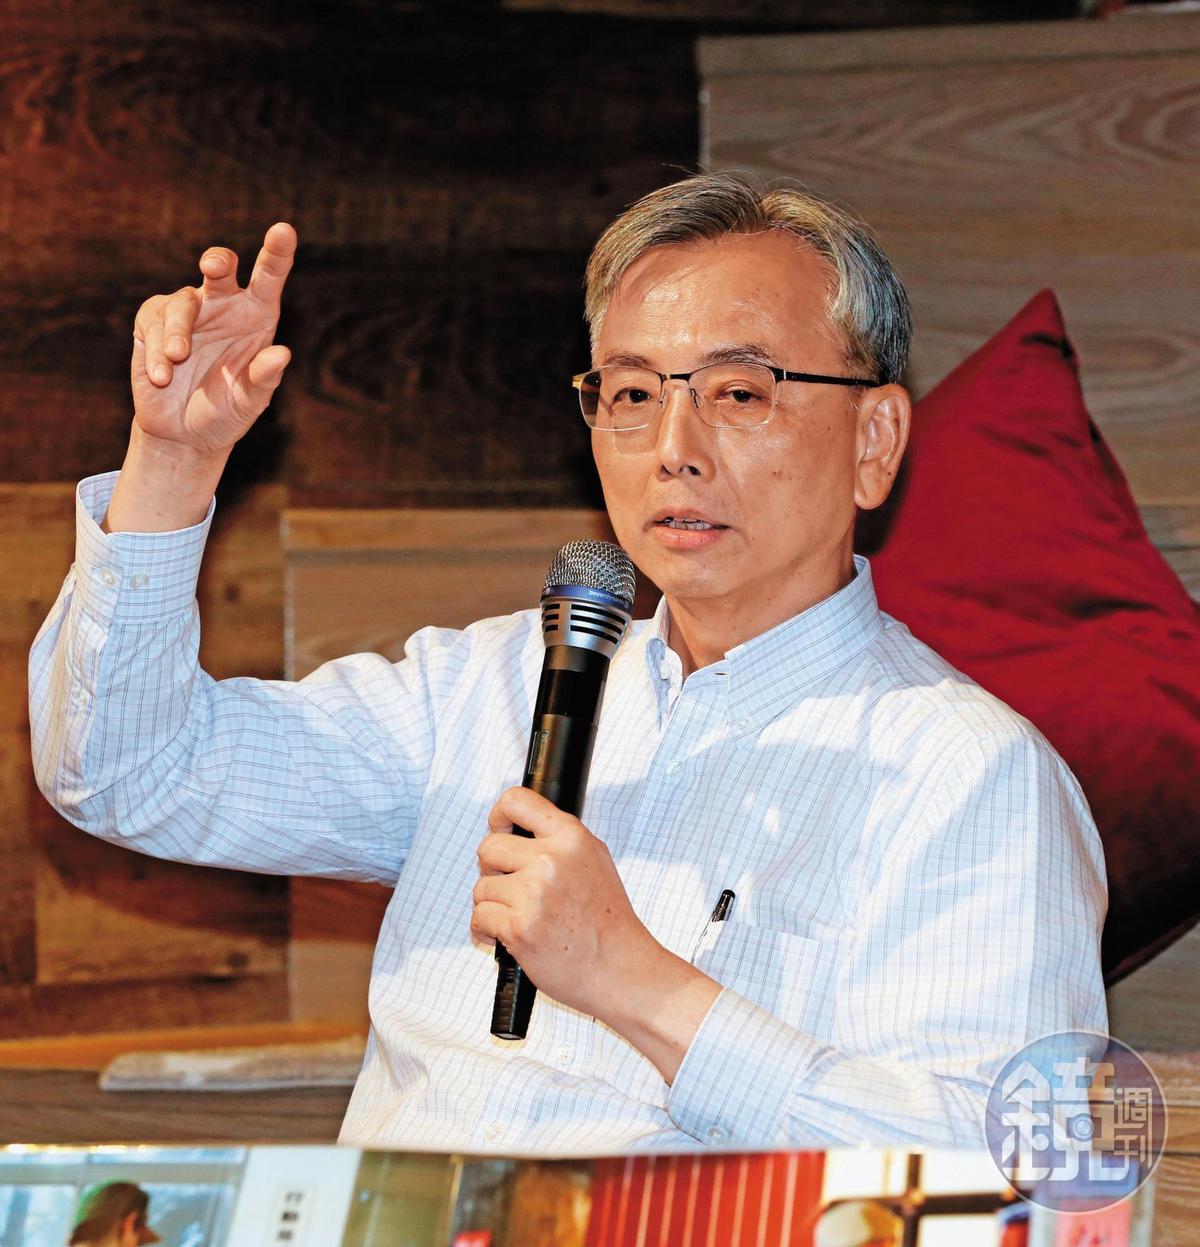 前李登輝辦公室主任蘇志誠(圖)包攬王金平競選決策,但王最後卻走不下初選之路。